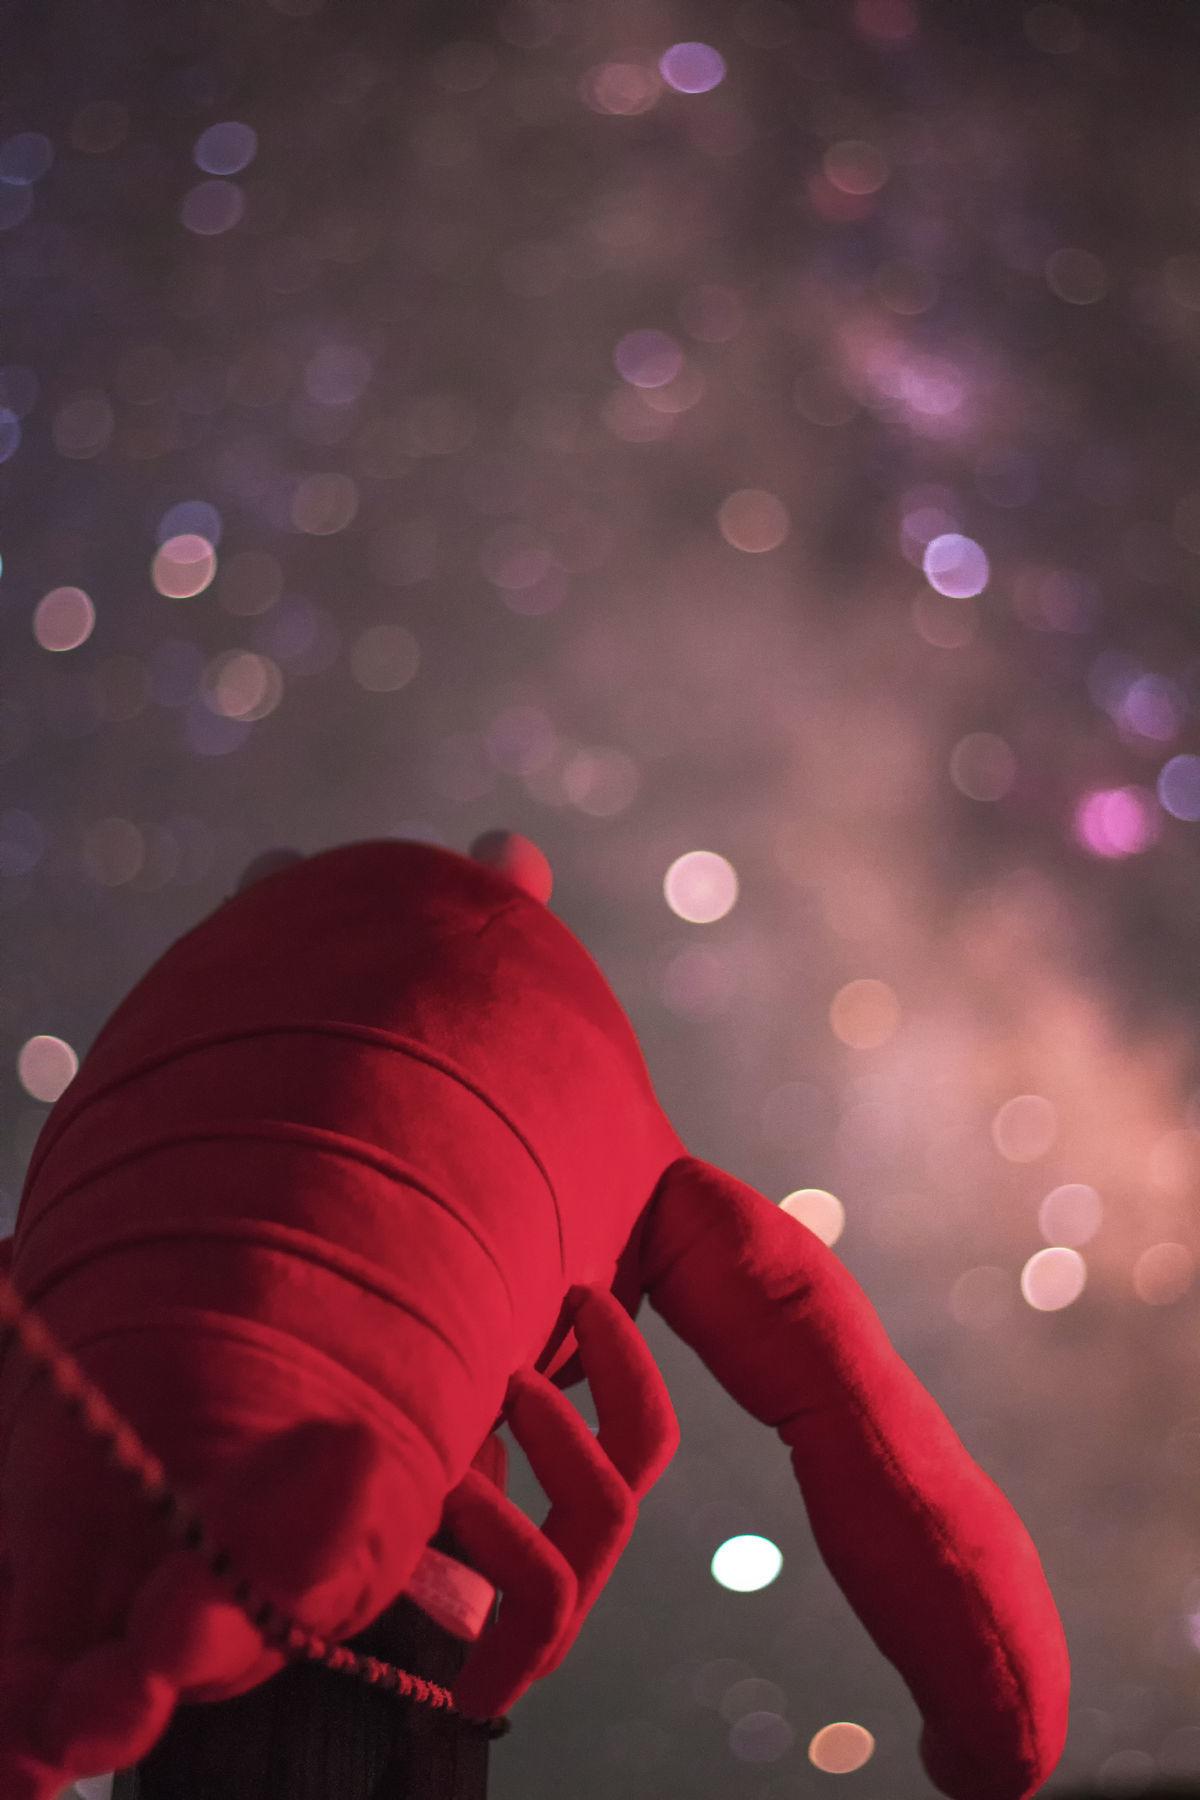 【星景】 「ザリガニ、天体写真に目覚める」 の巻(ヘ´∀`)ヘ